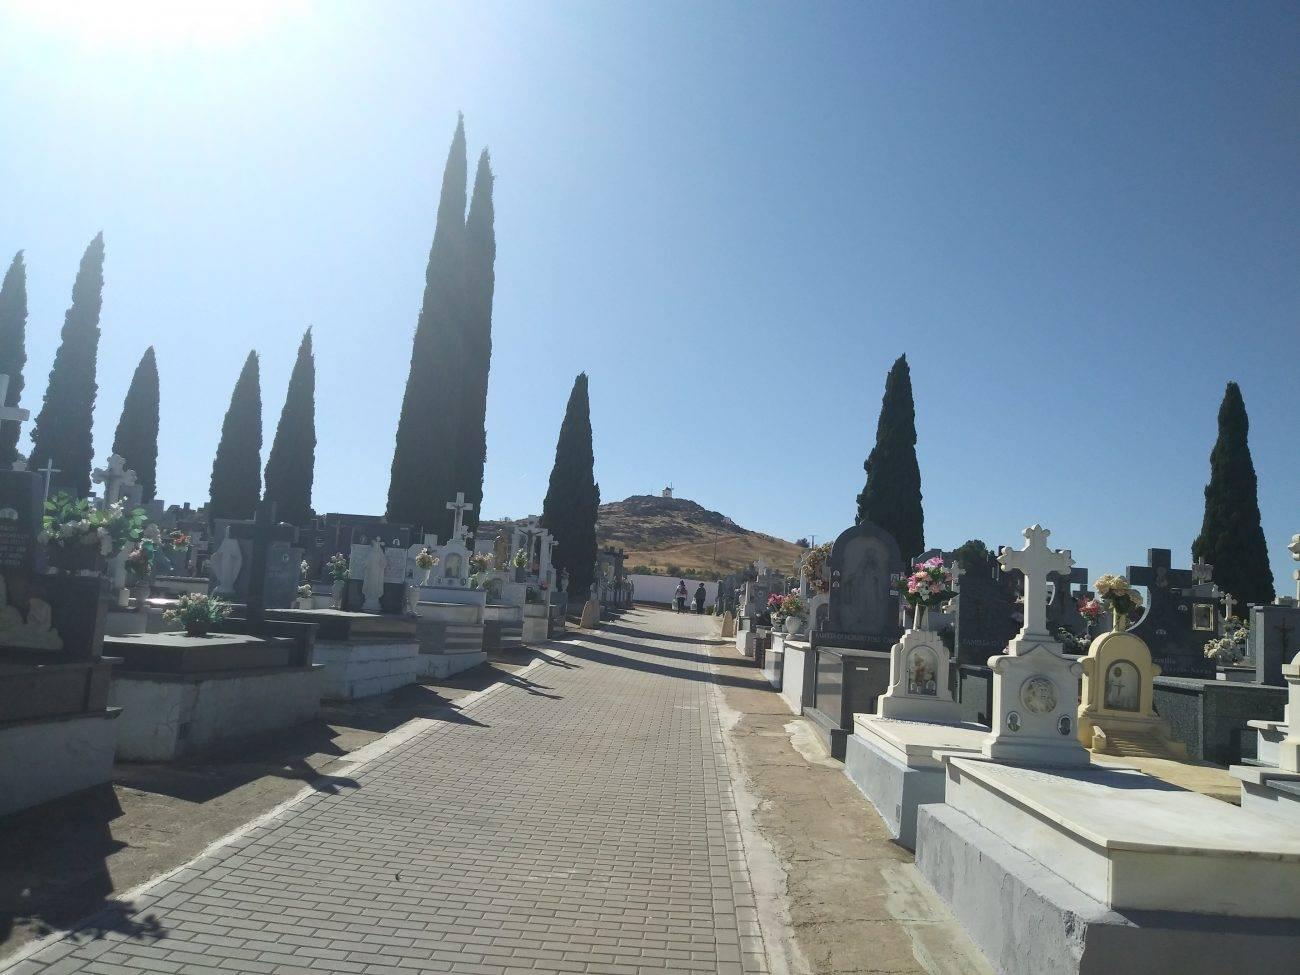 cementerio de herenciad - Autobús gratuito para ir al cementerio la fiesta de todos los Santos